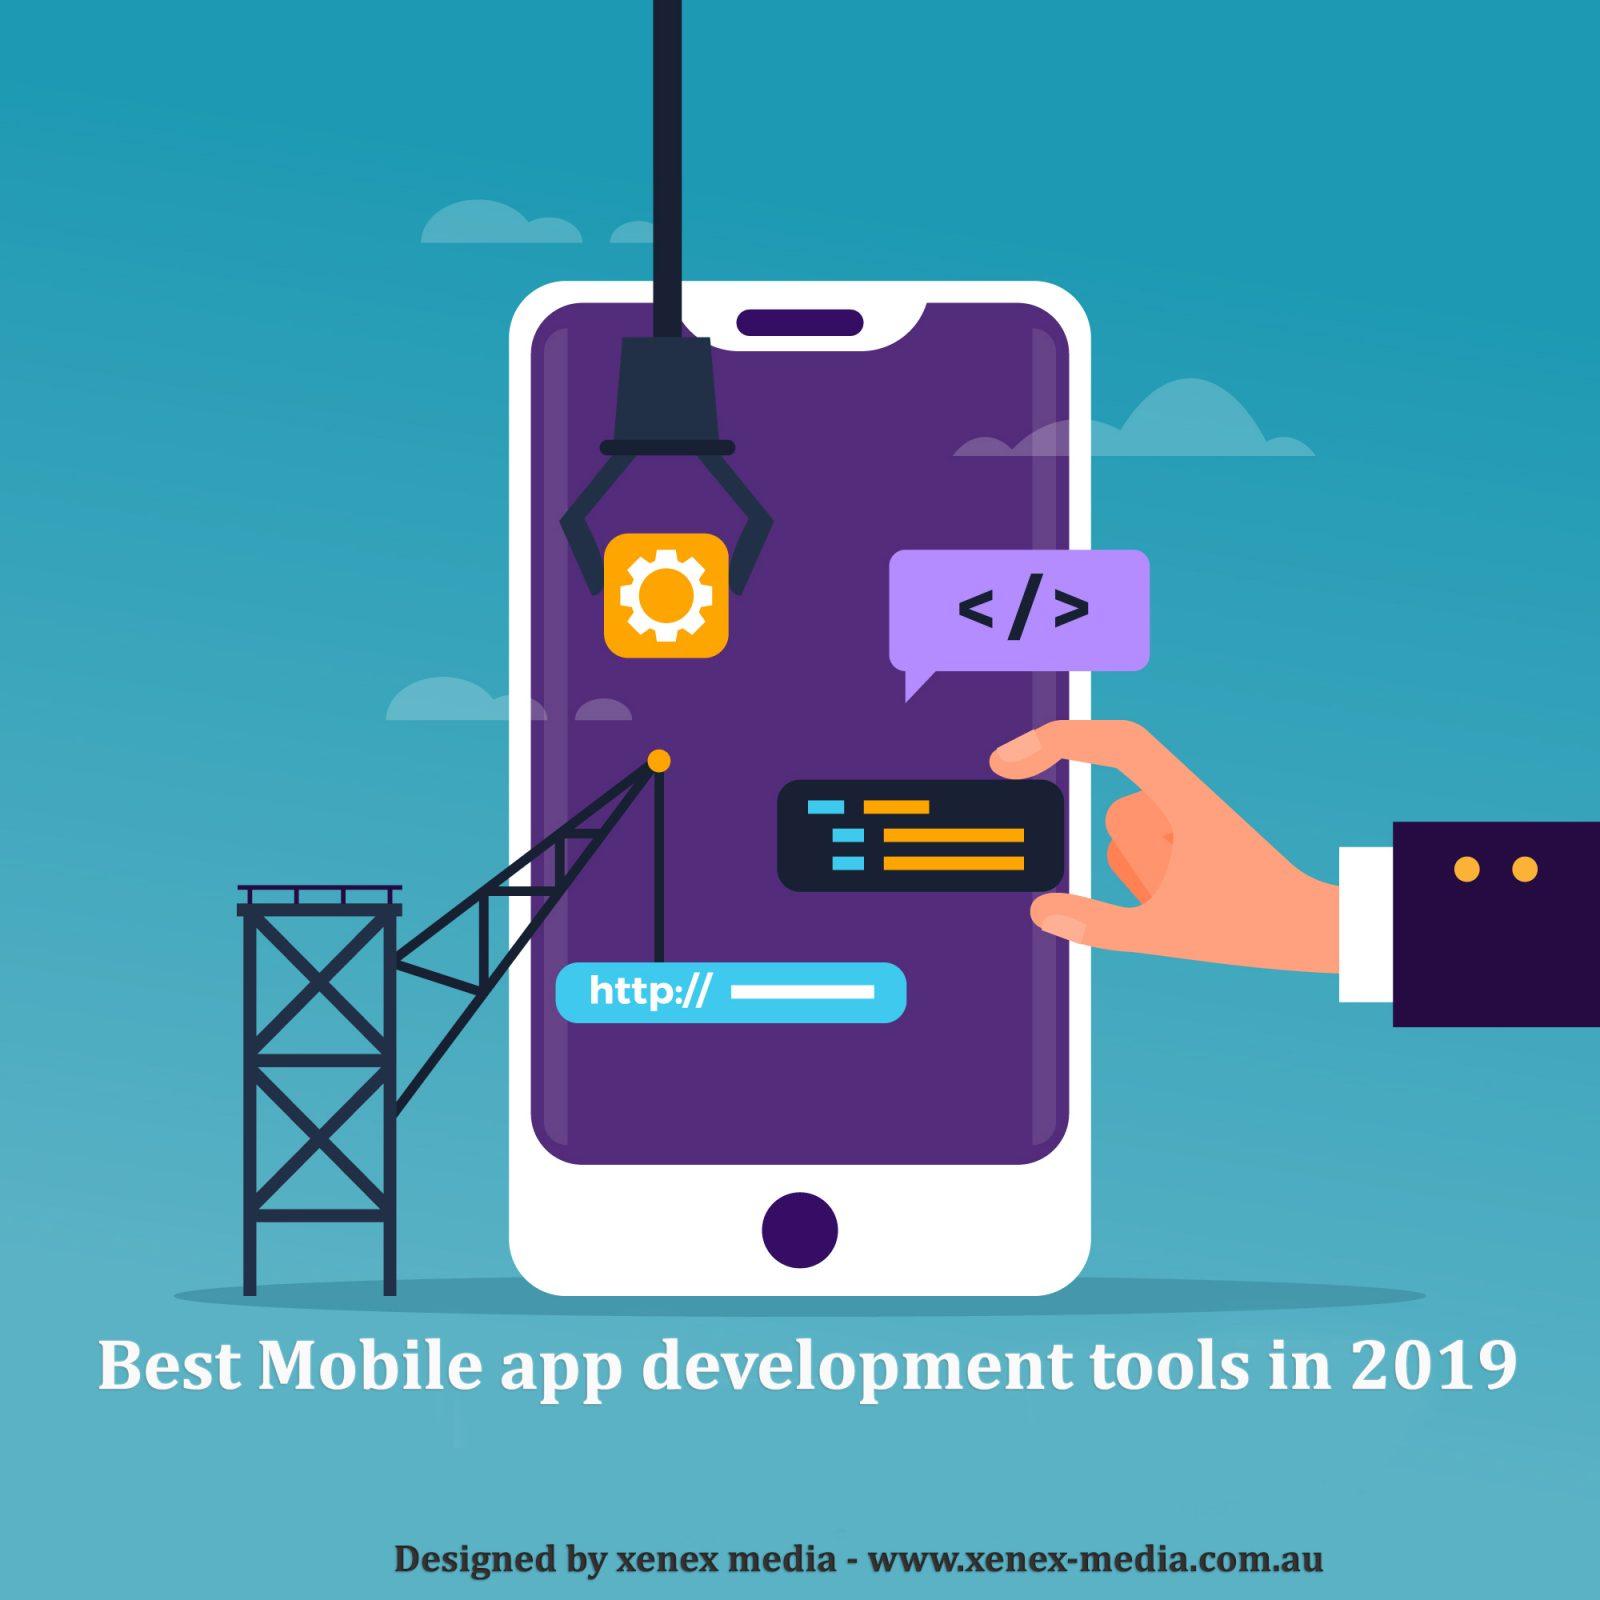 Best mobile app development tools in 2019